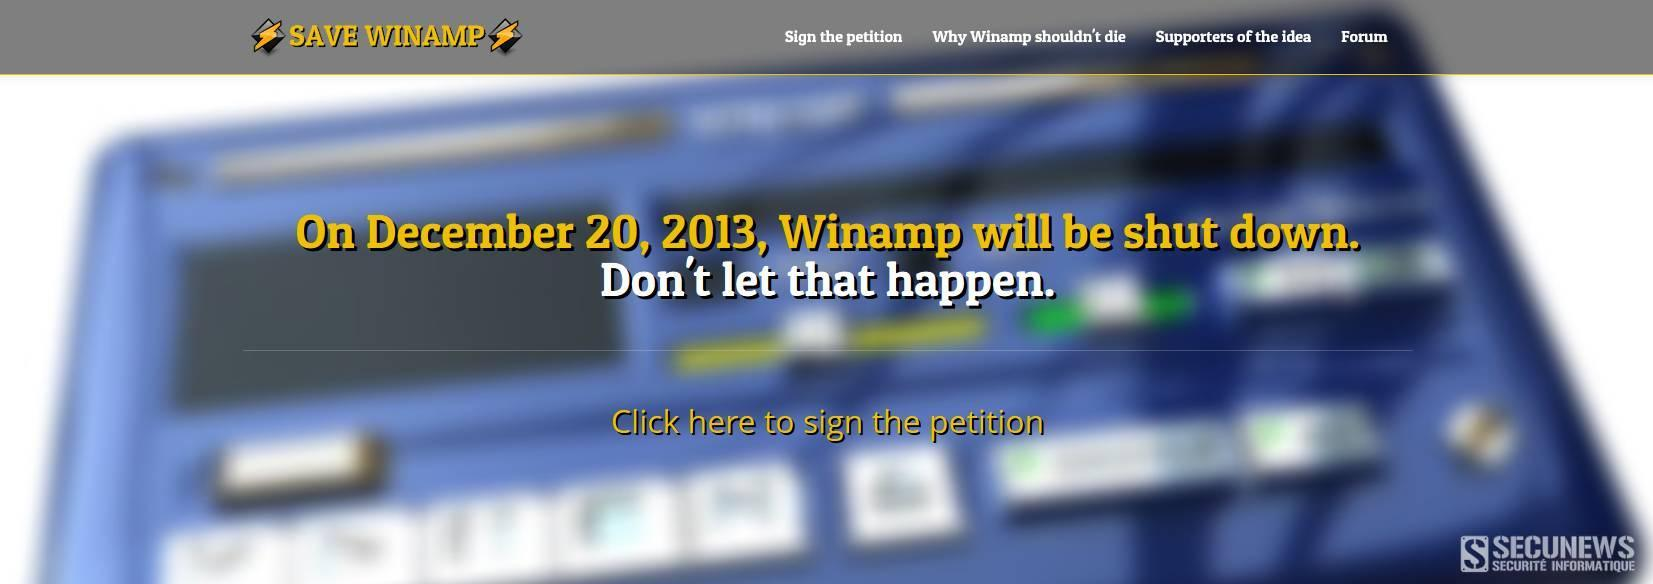 Pétition contre la mort de Winamp